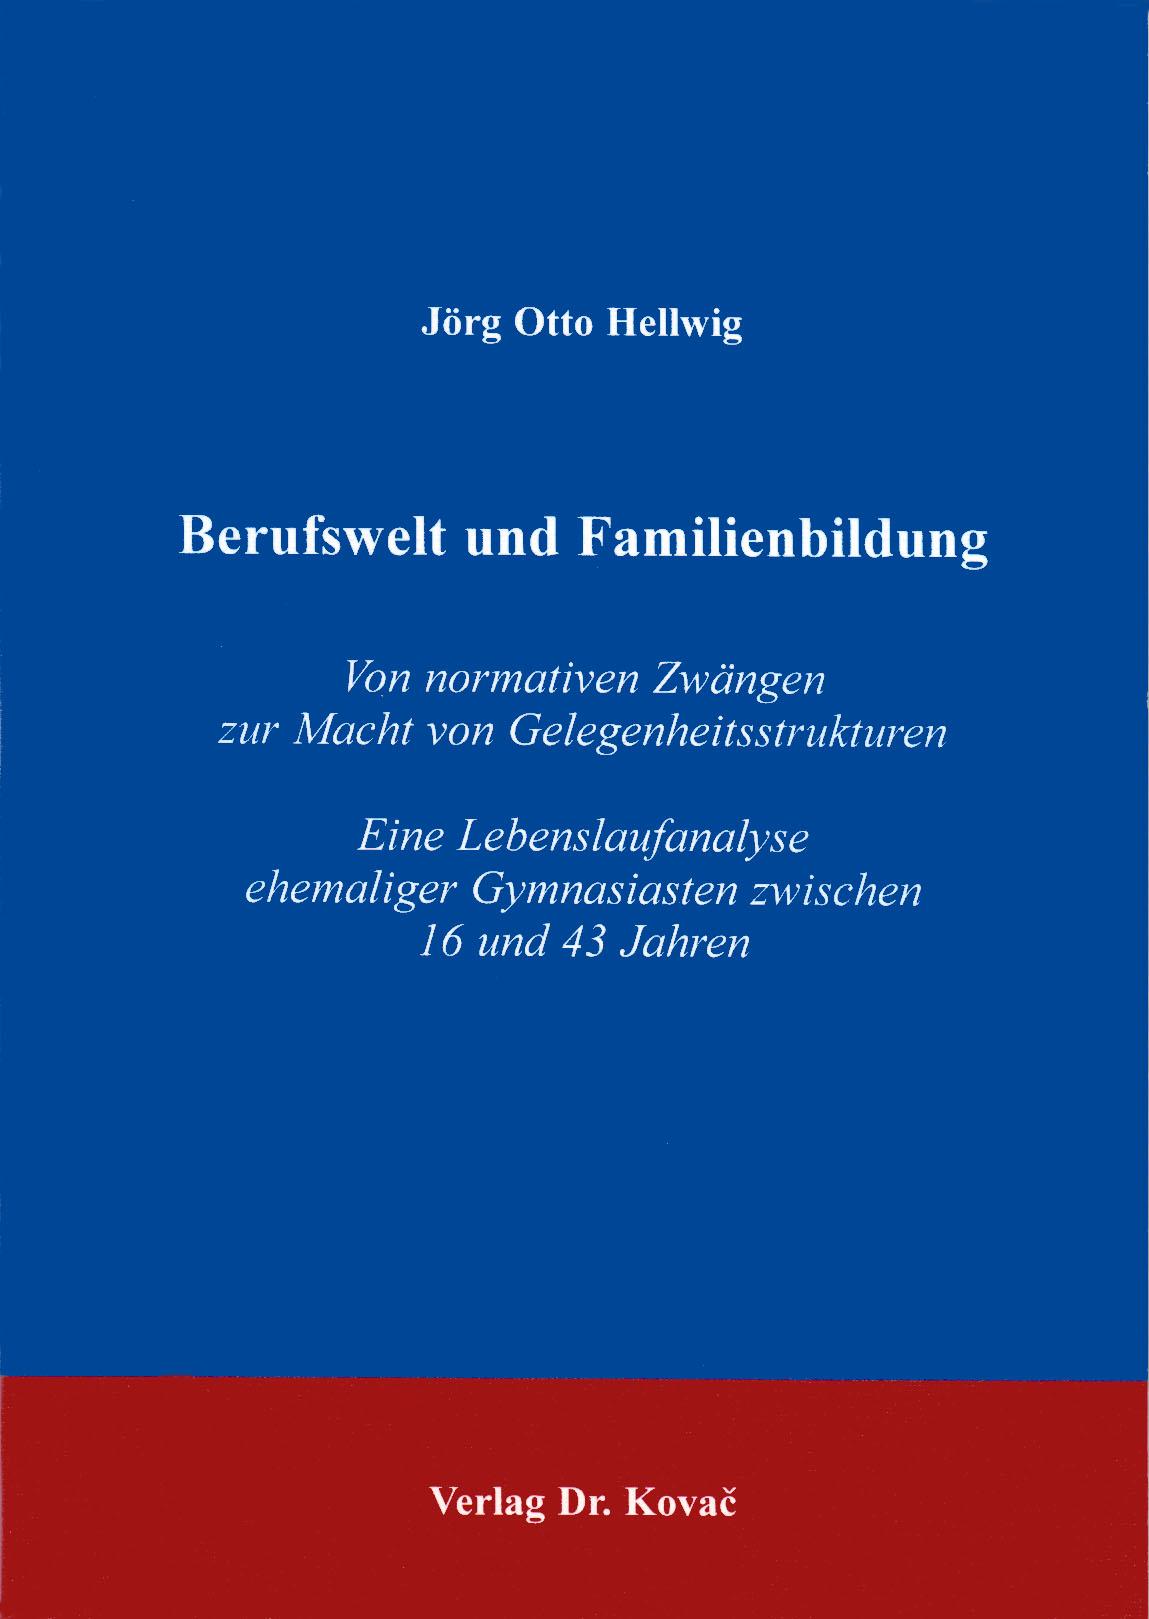 Cover: Berufswelt und Familienbildung